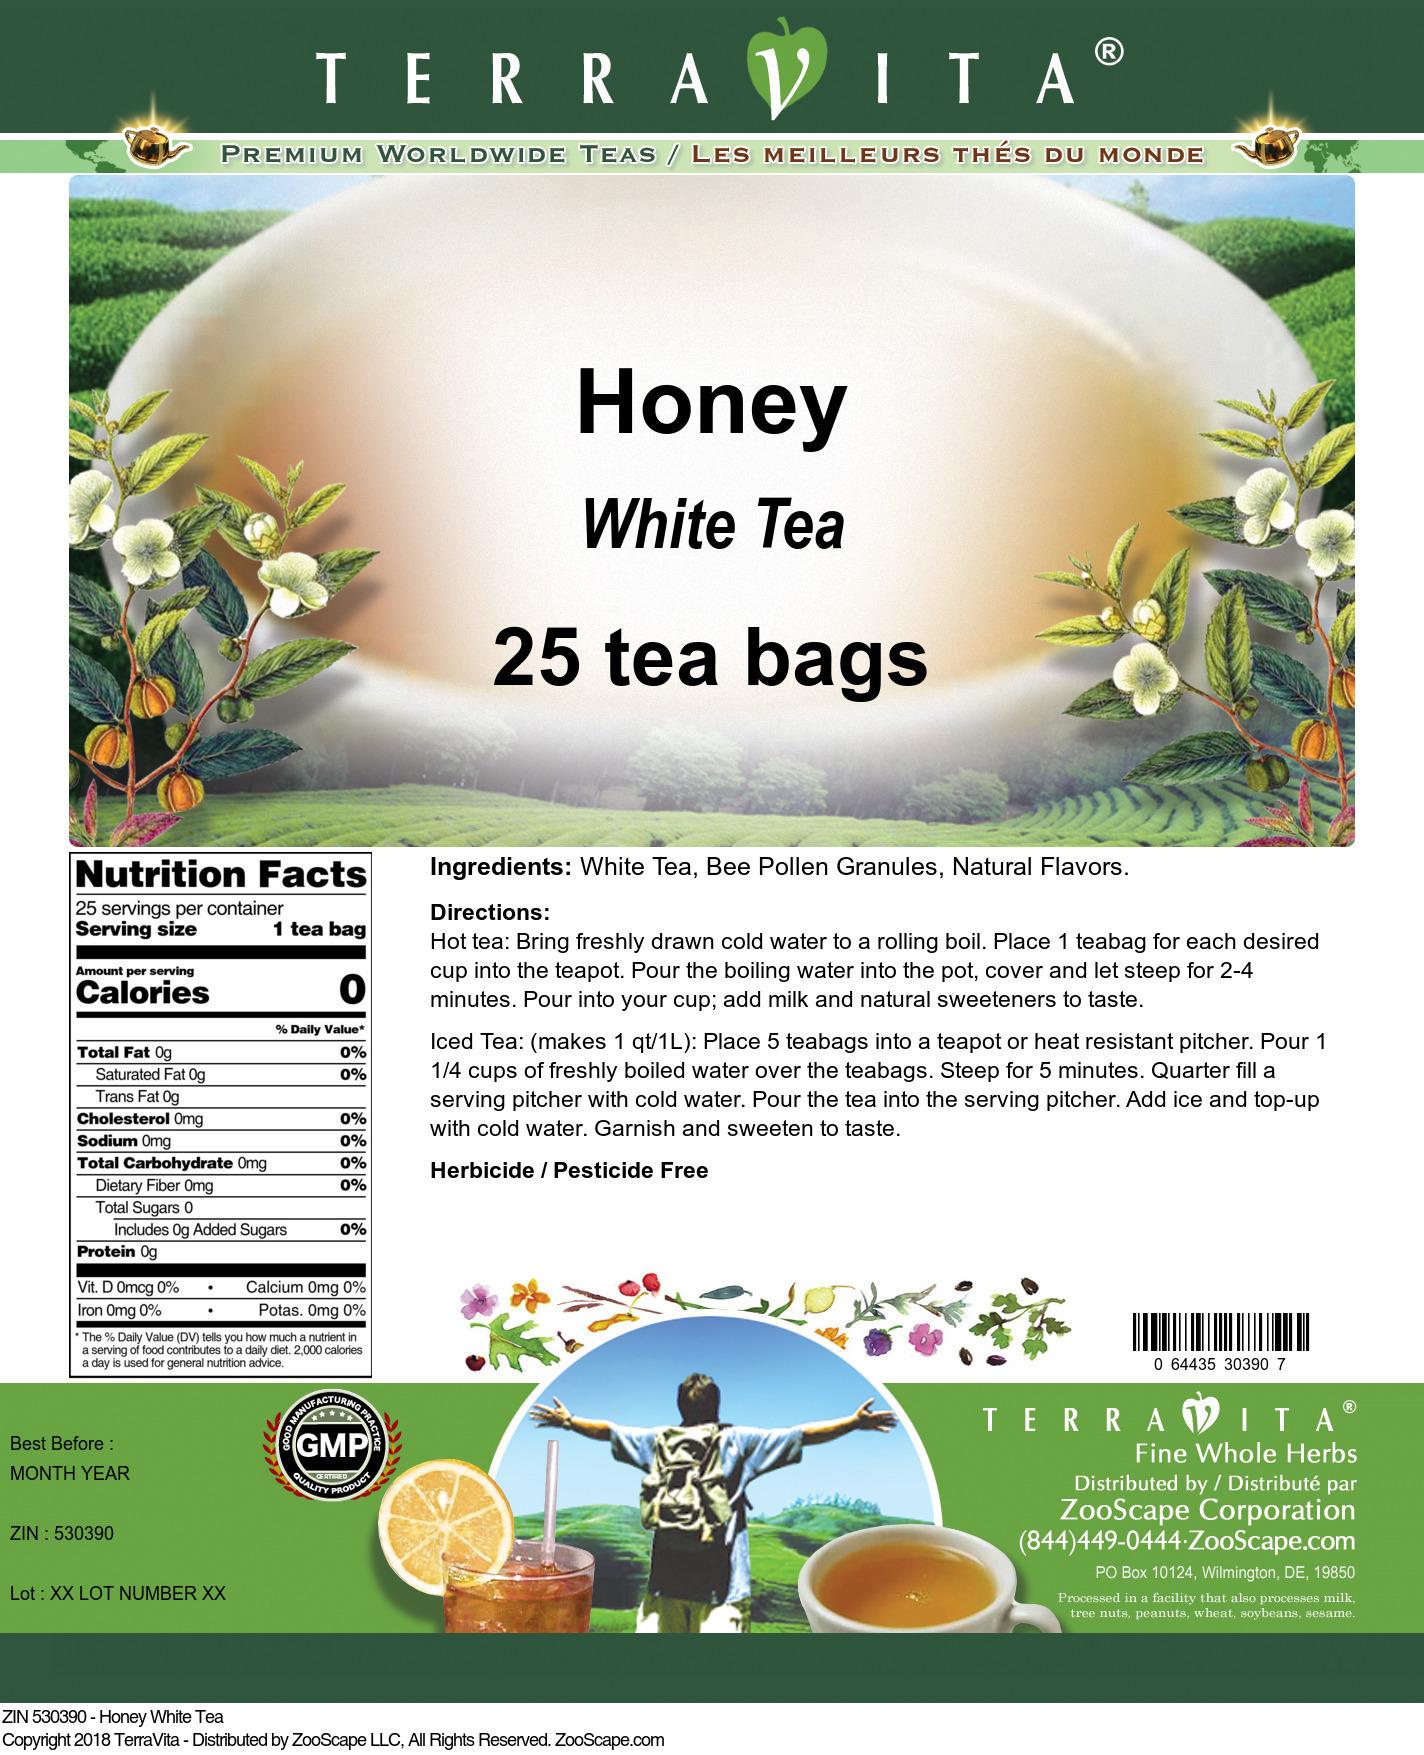 Honey White Tea